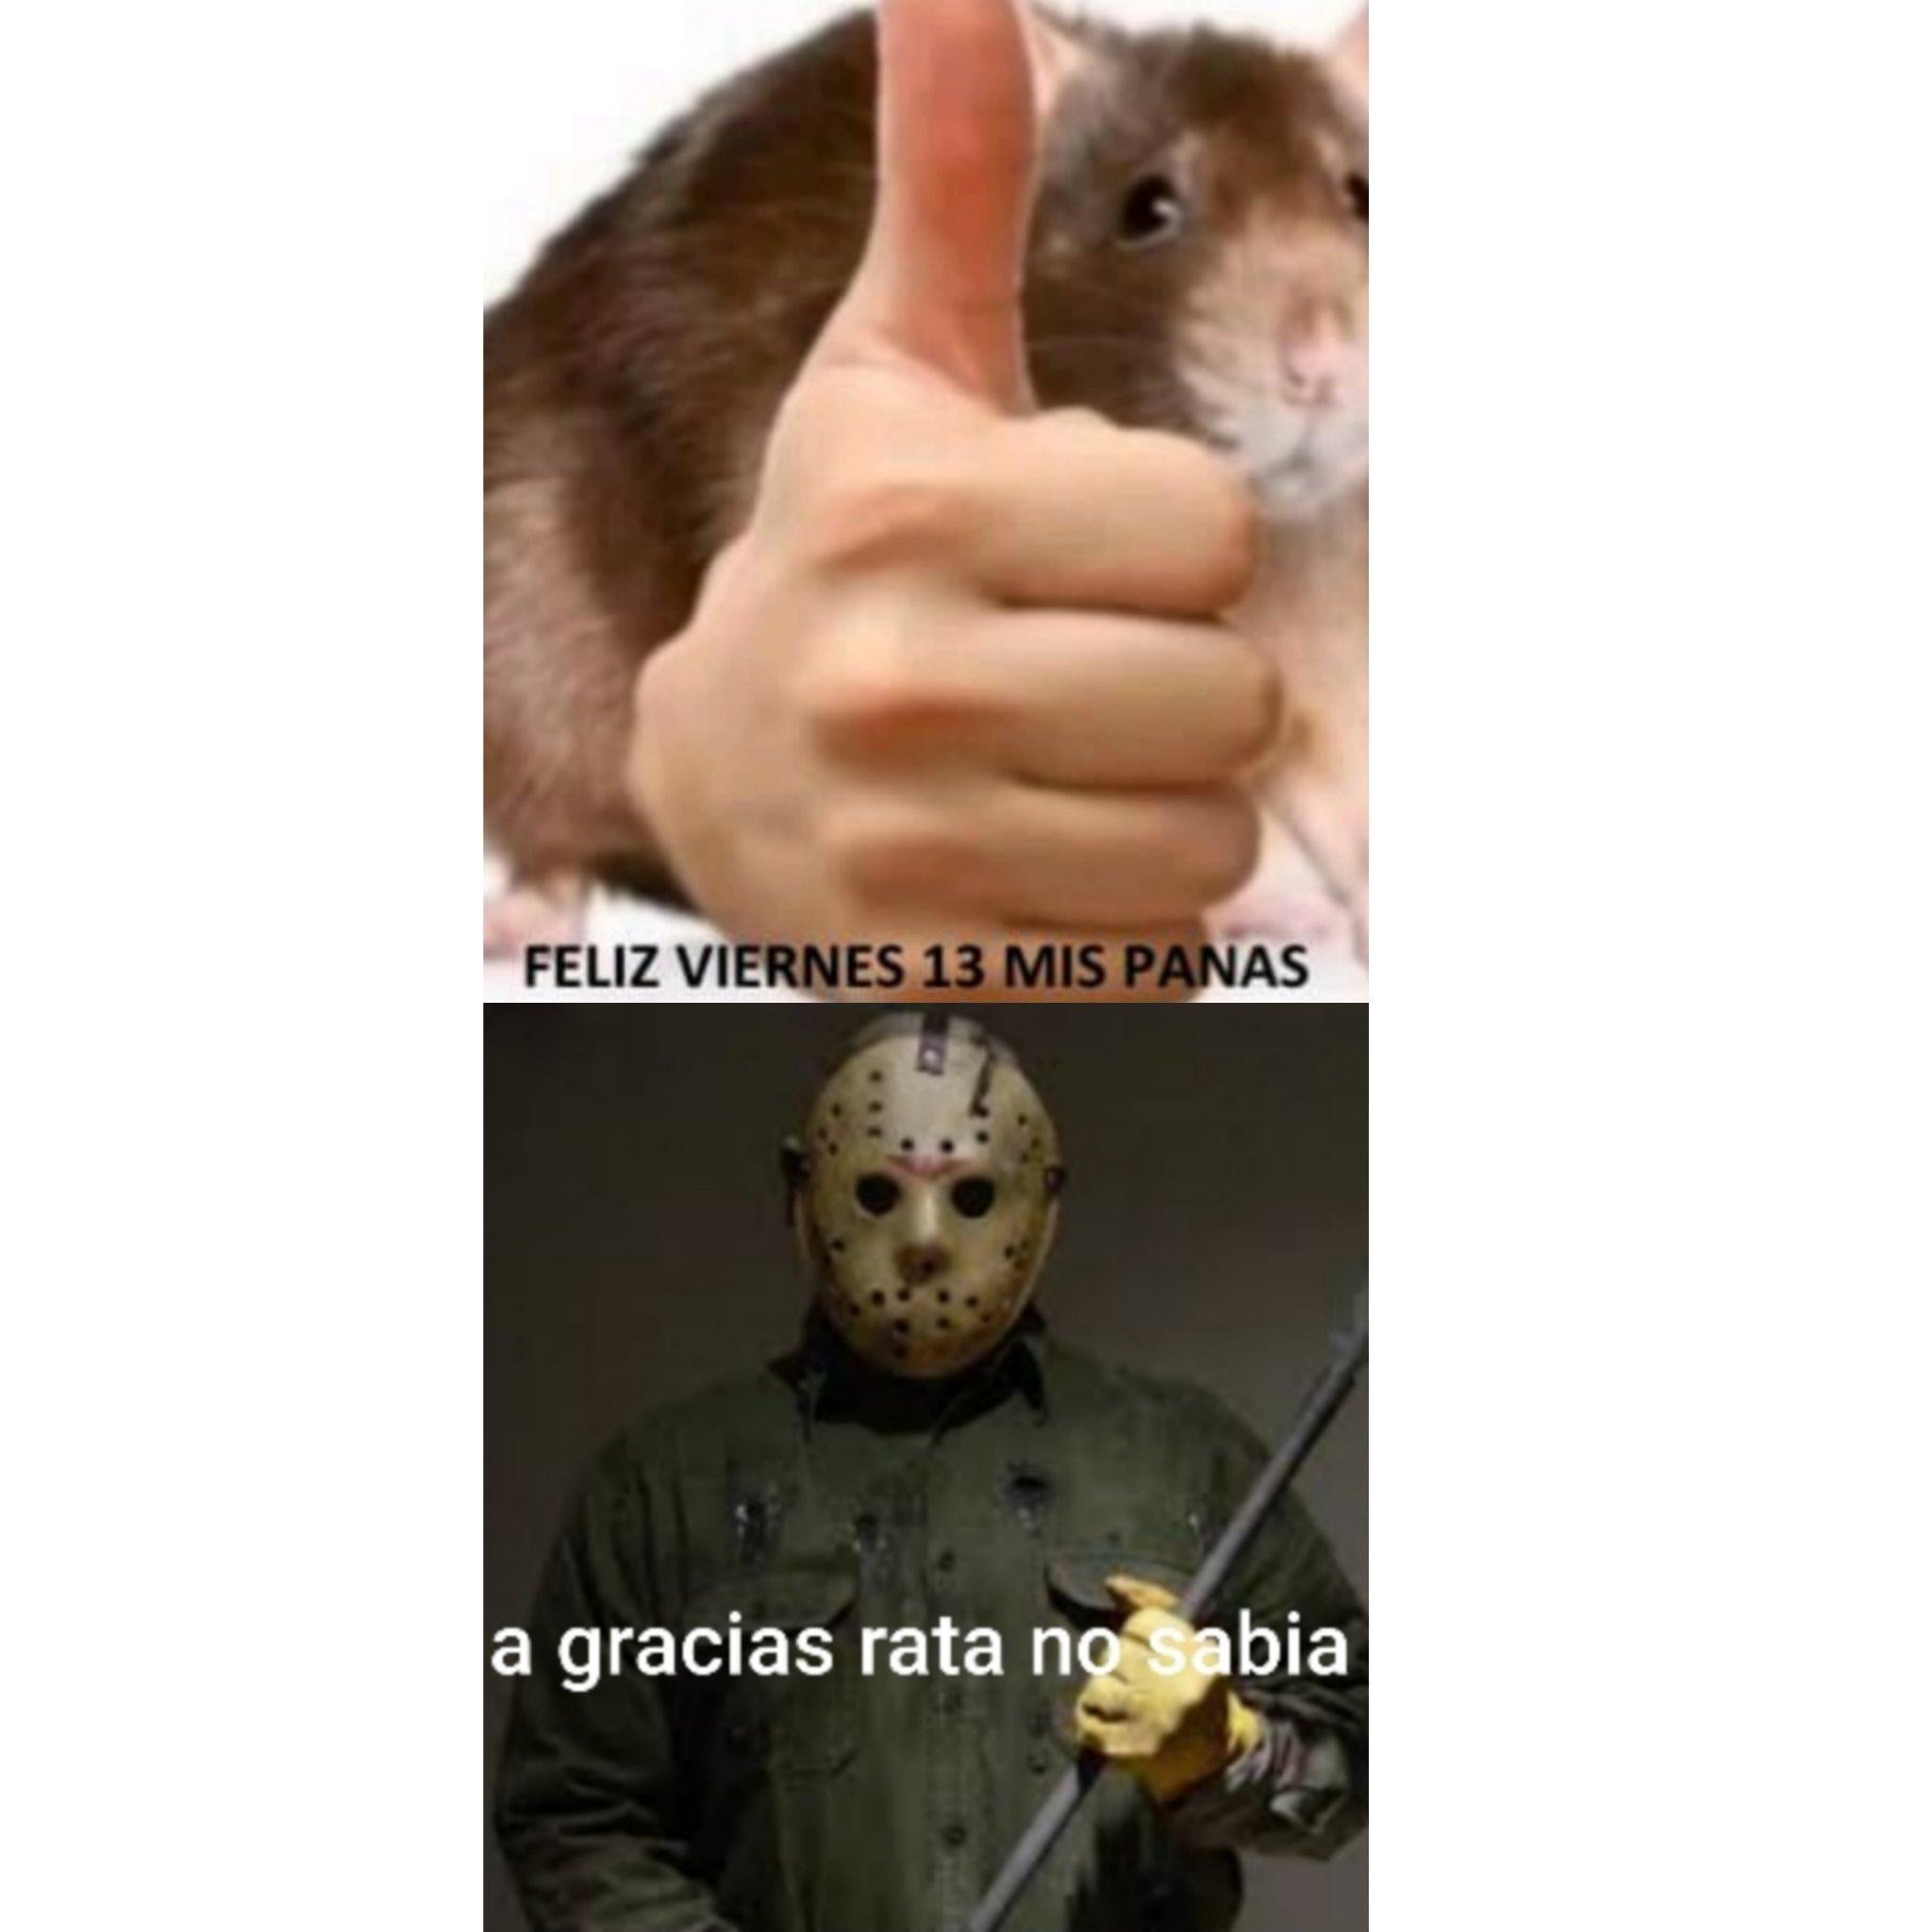 Créditos a molerosegundo2008 por la rata diciendo feliz viernes 13 - meme